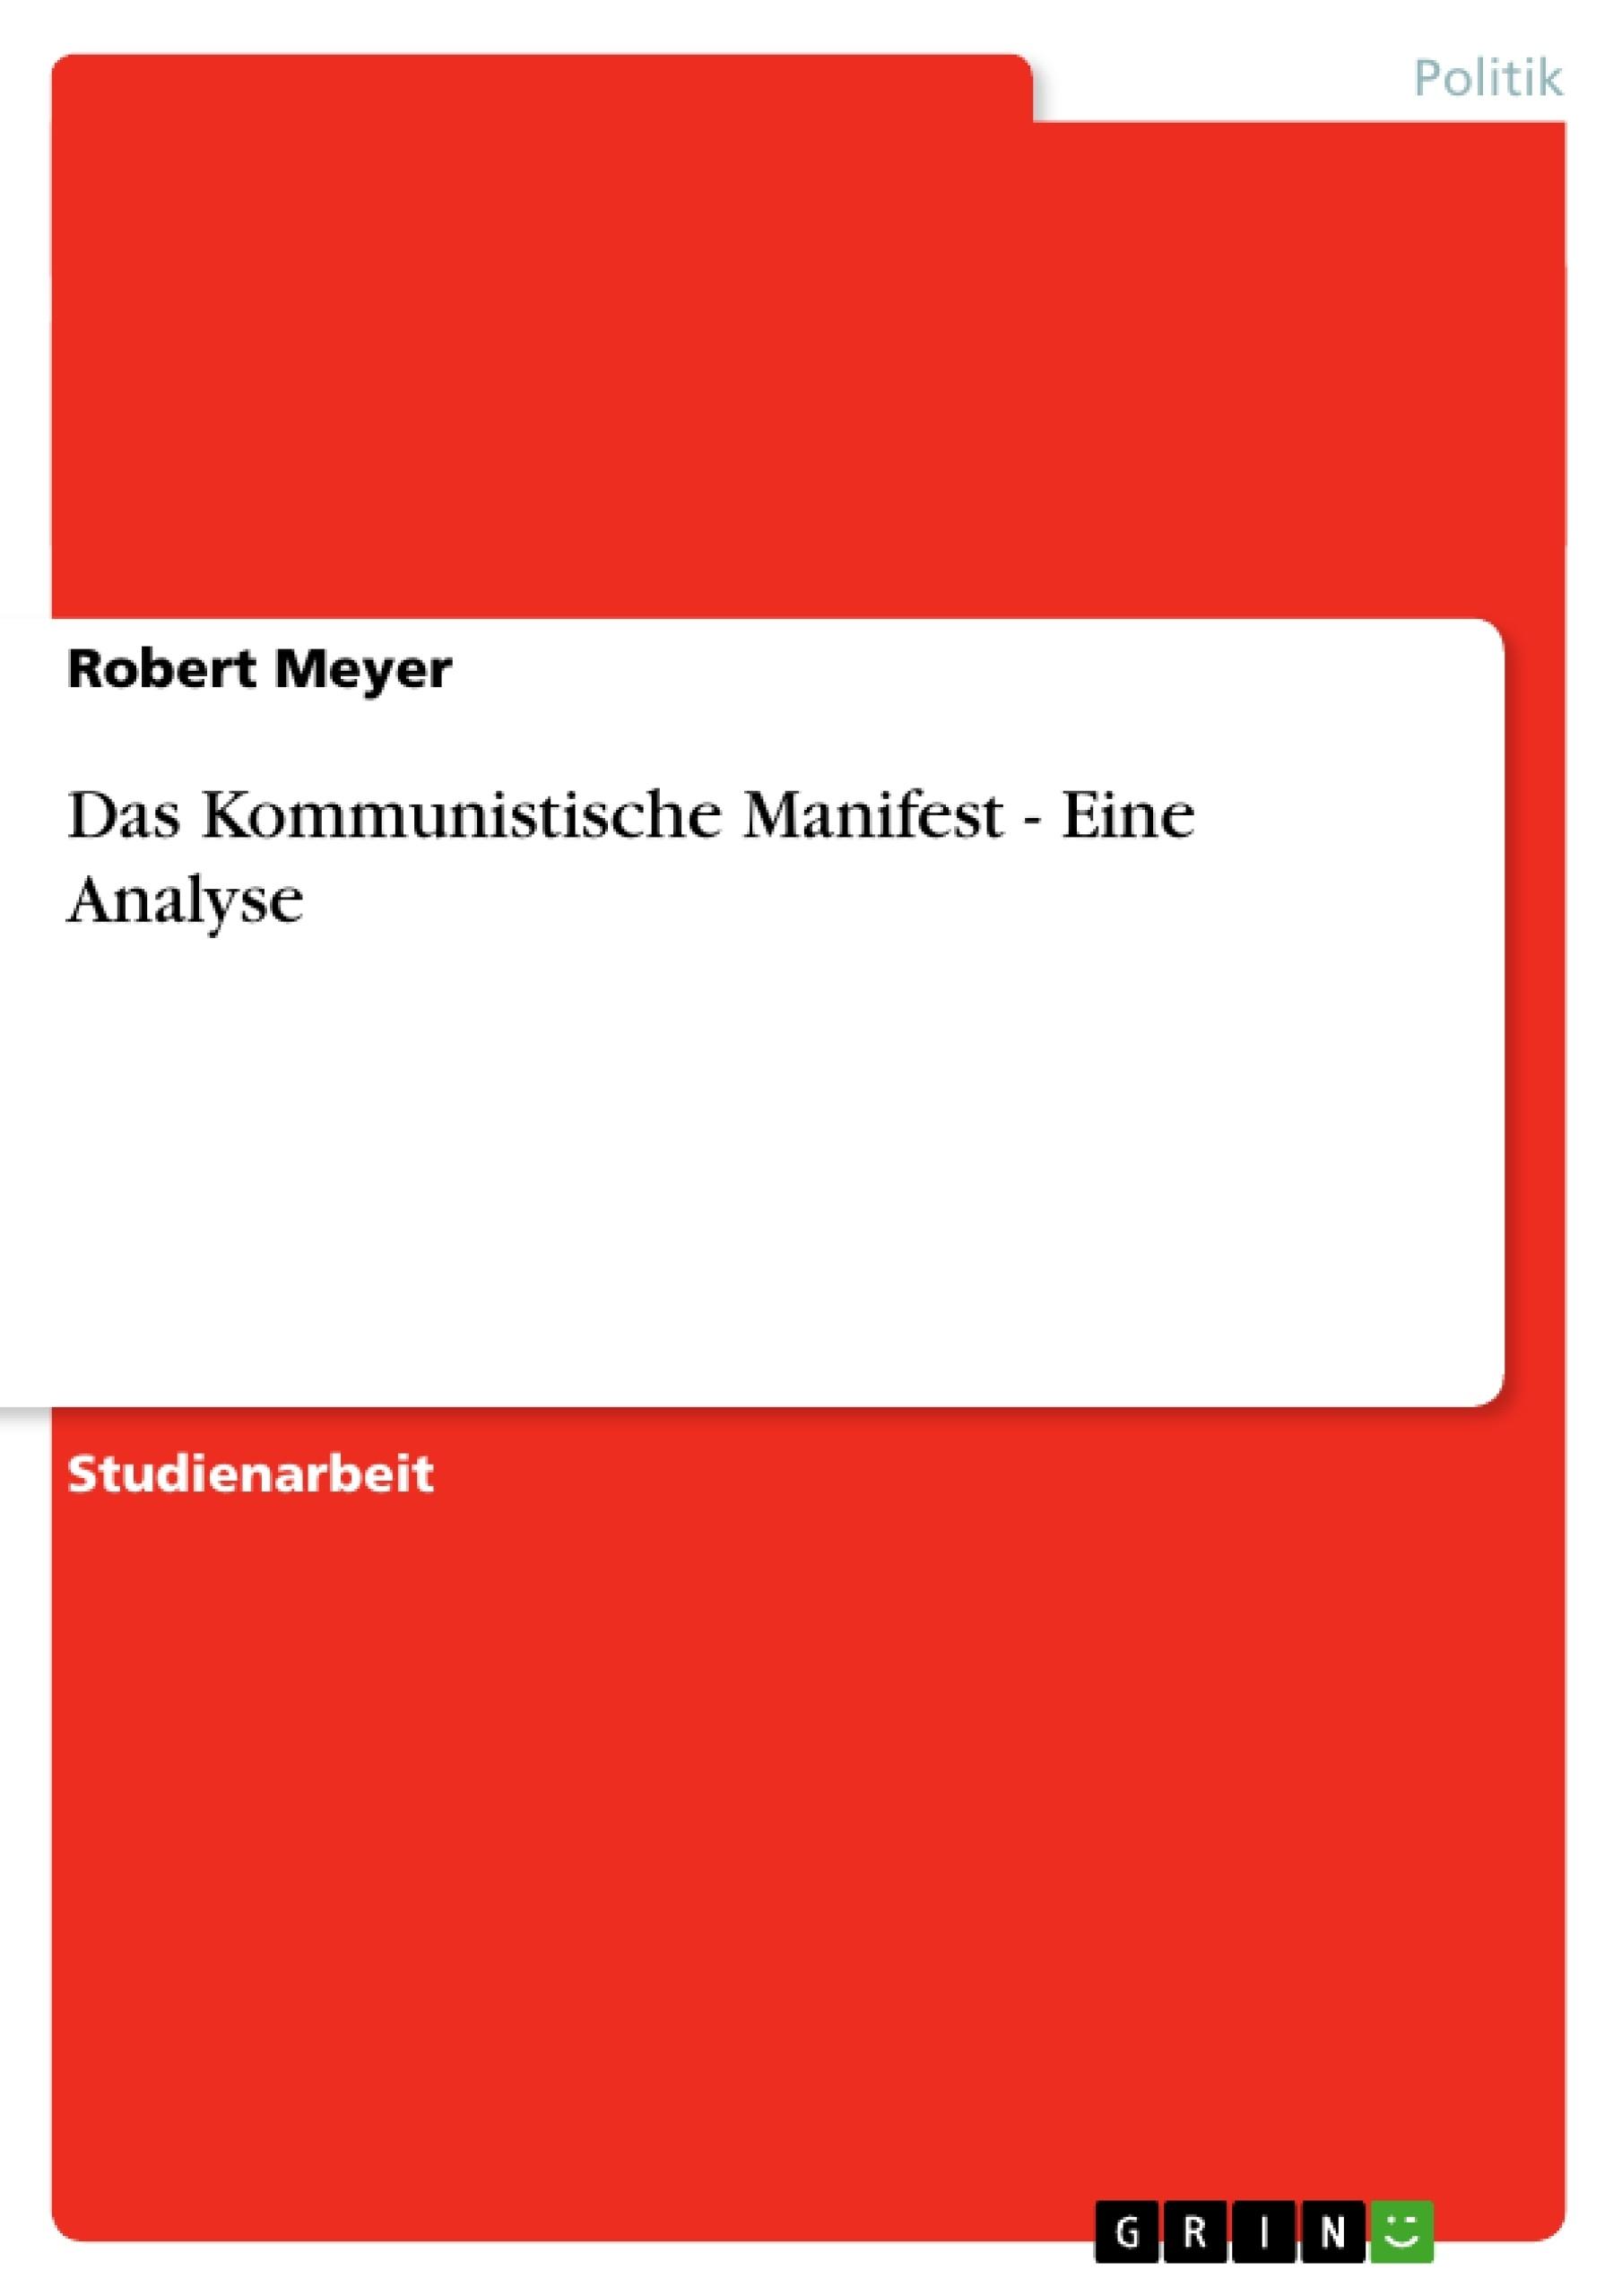 Titel: Das Kommunistische Manifest - Eine Analyse